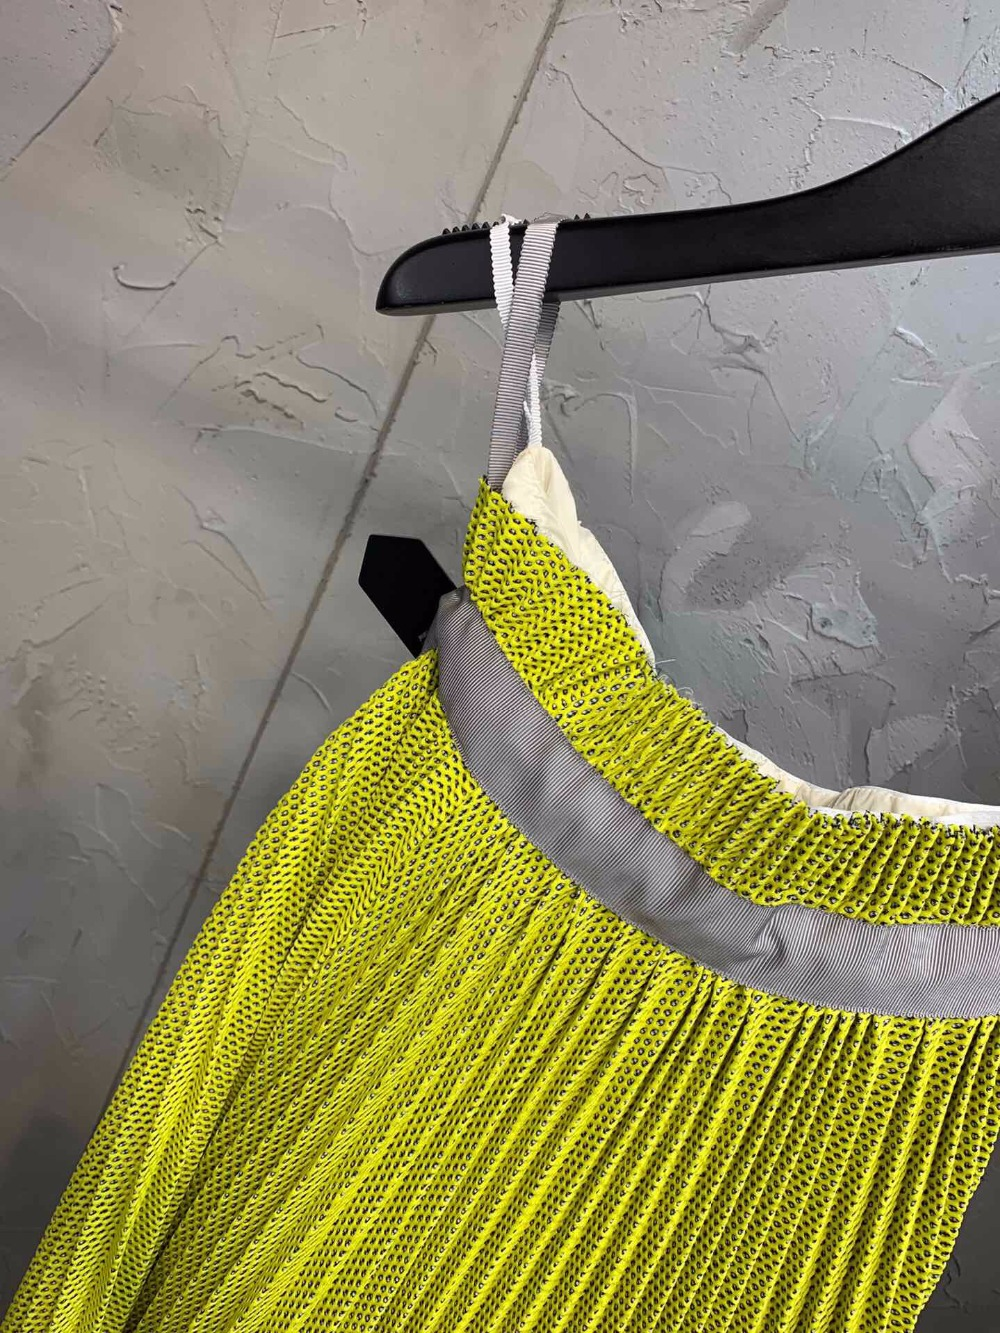 Mode Printemps Jupe Plissée Ddxgz3 Femmes Décontractée 2019 qE4w8Zx